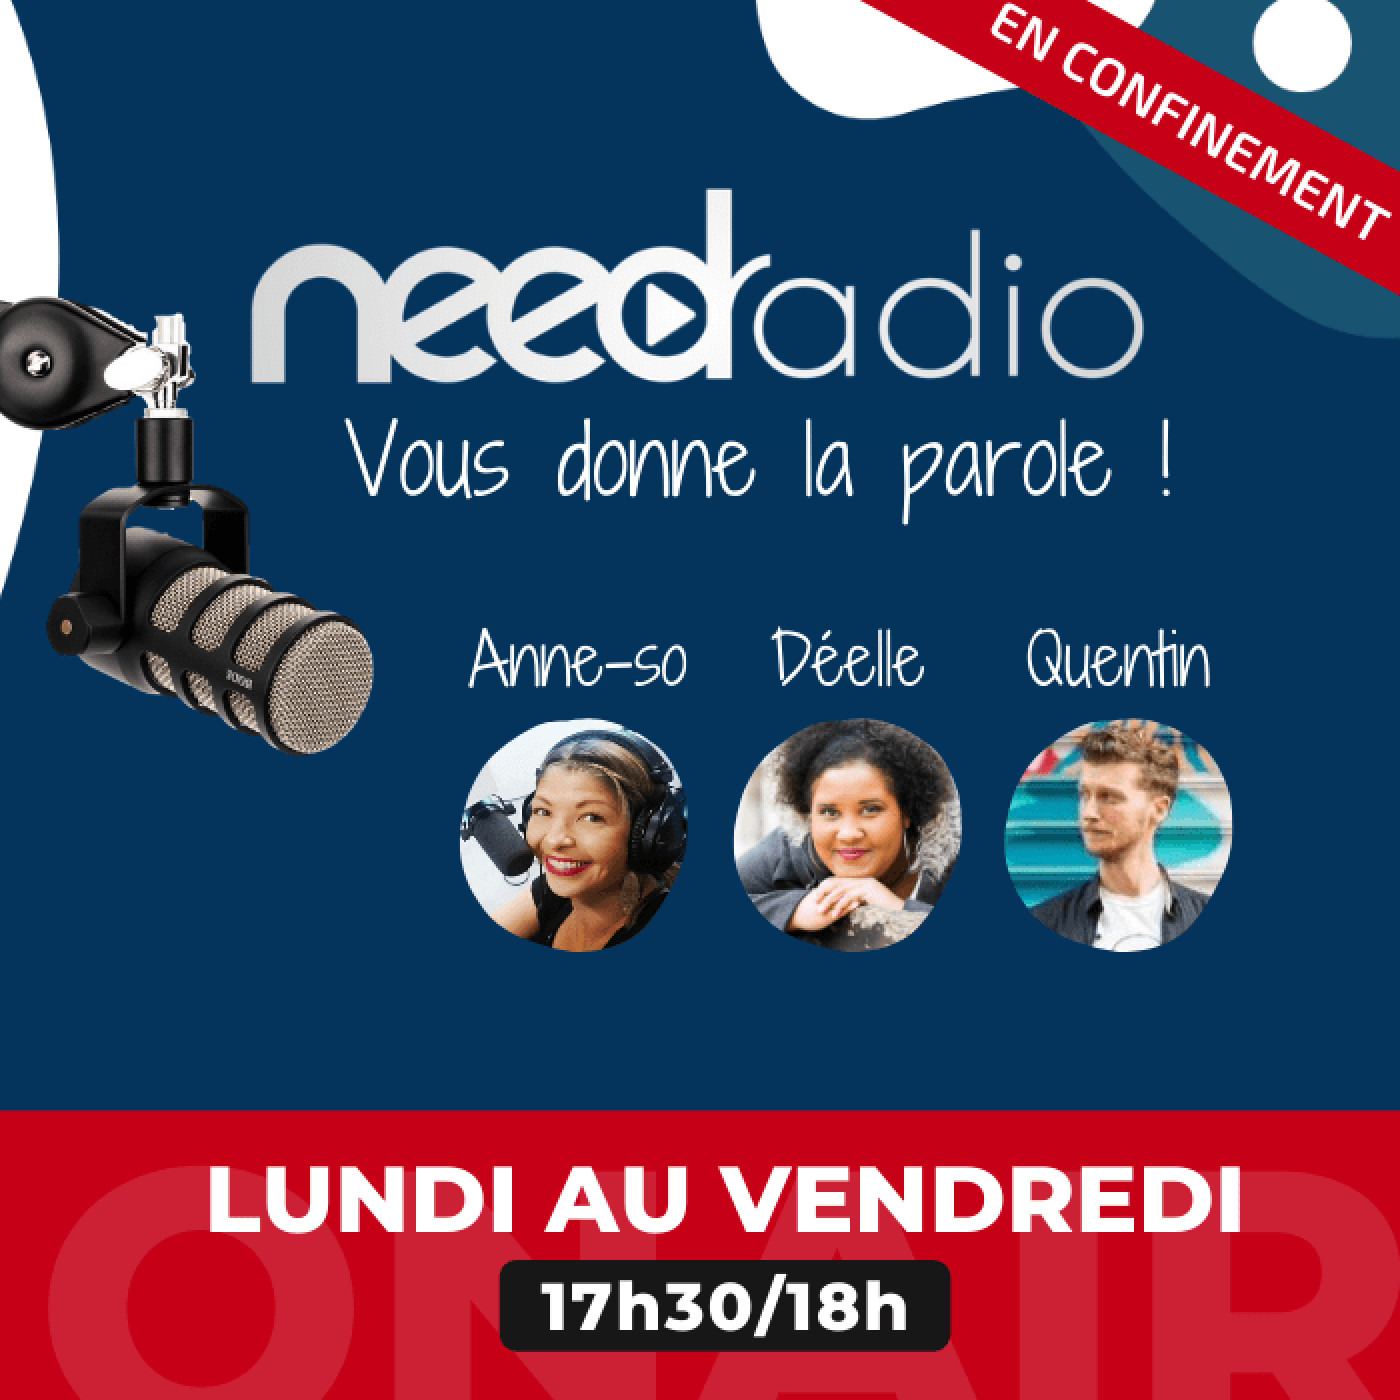 #NRVDLP spéciale confinement - Isabelle Rolland (Maire-adjointe à la Culture) et Clément Legrand (Education) (04/05/20)